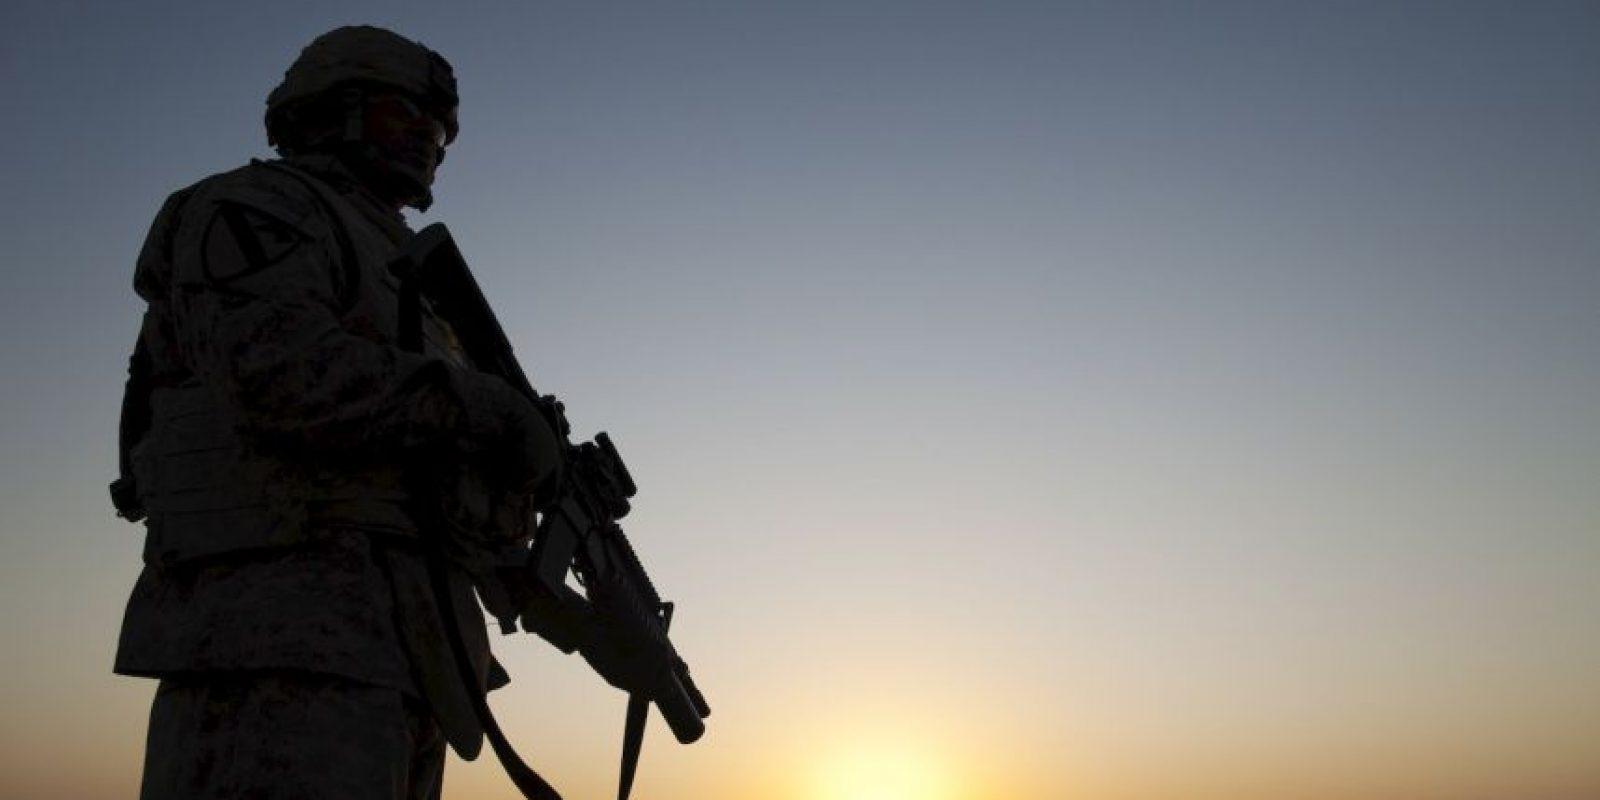 """5. """"En junio de 2014, el grupo asaltó varios bancos en Mosul y robó un estimado de 500 millones de dólares, aunque el monto total no se ha confirmado, según la firma de inteligencia global Stratfor"""", detalló CNN. Foto:Getty Images"""